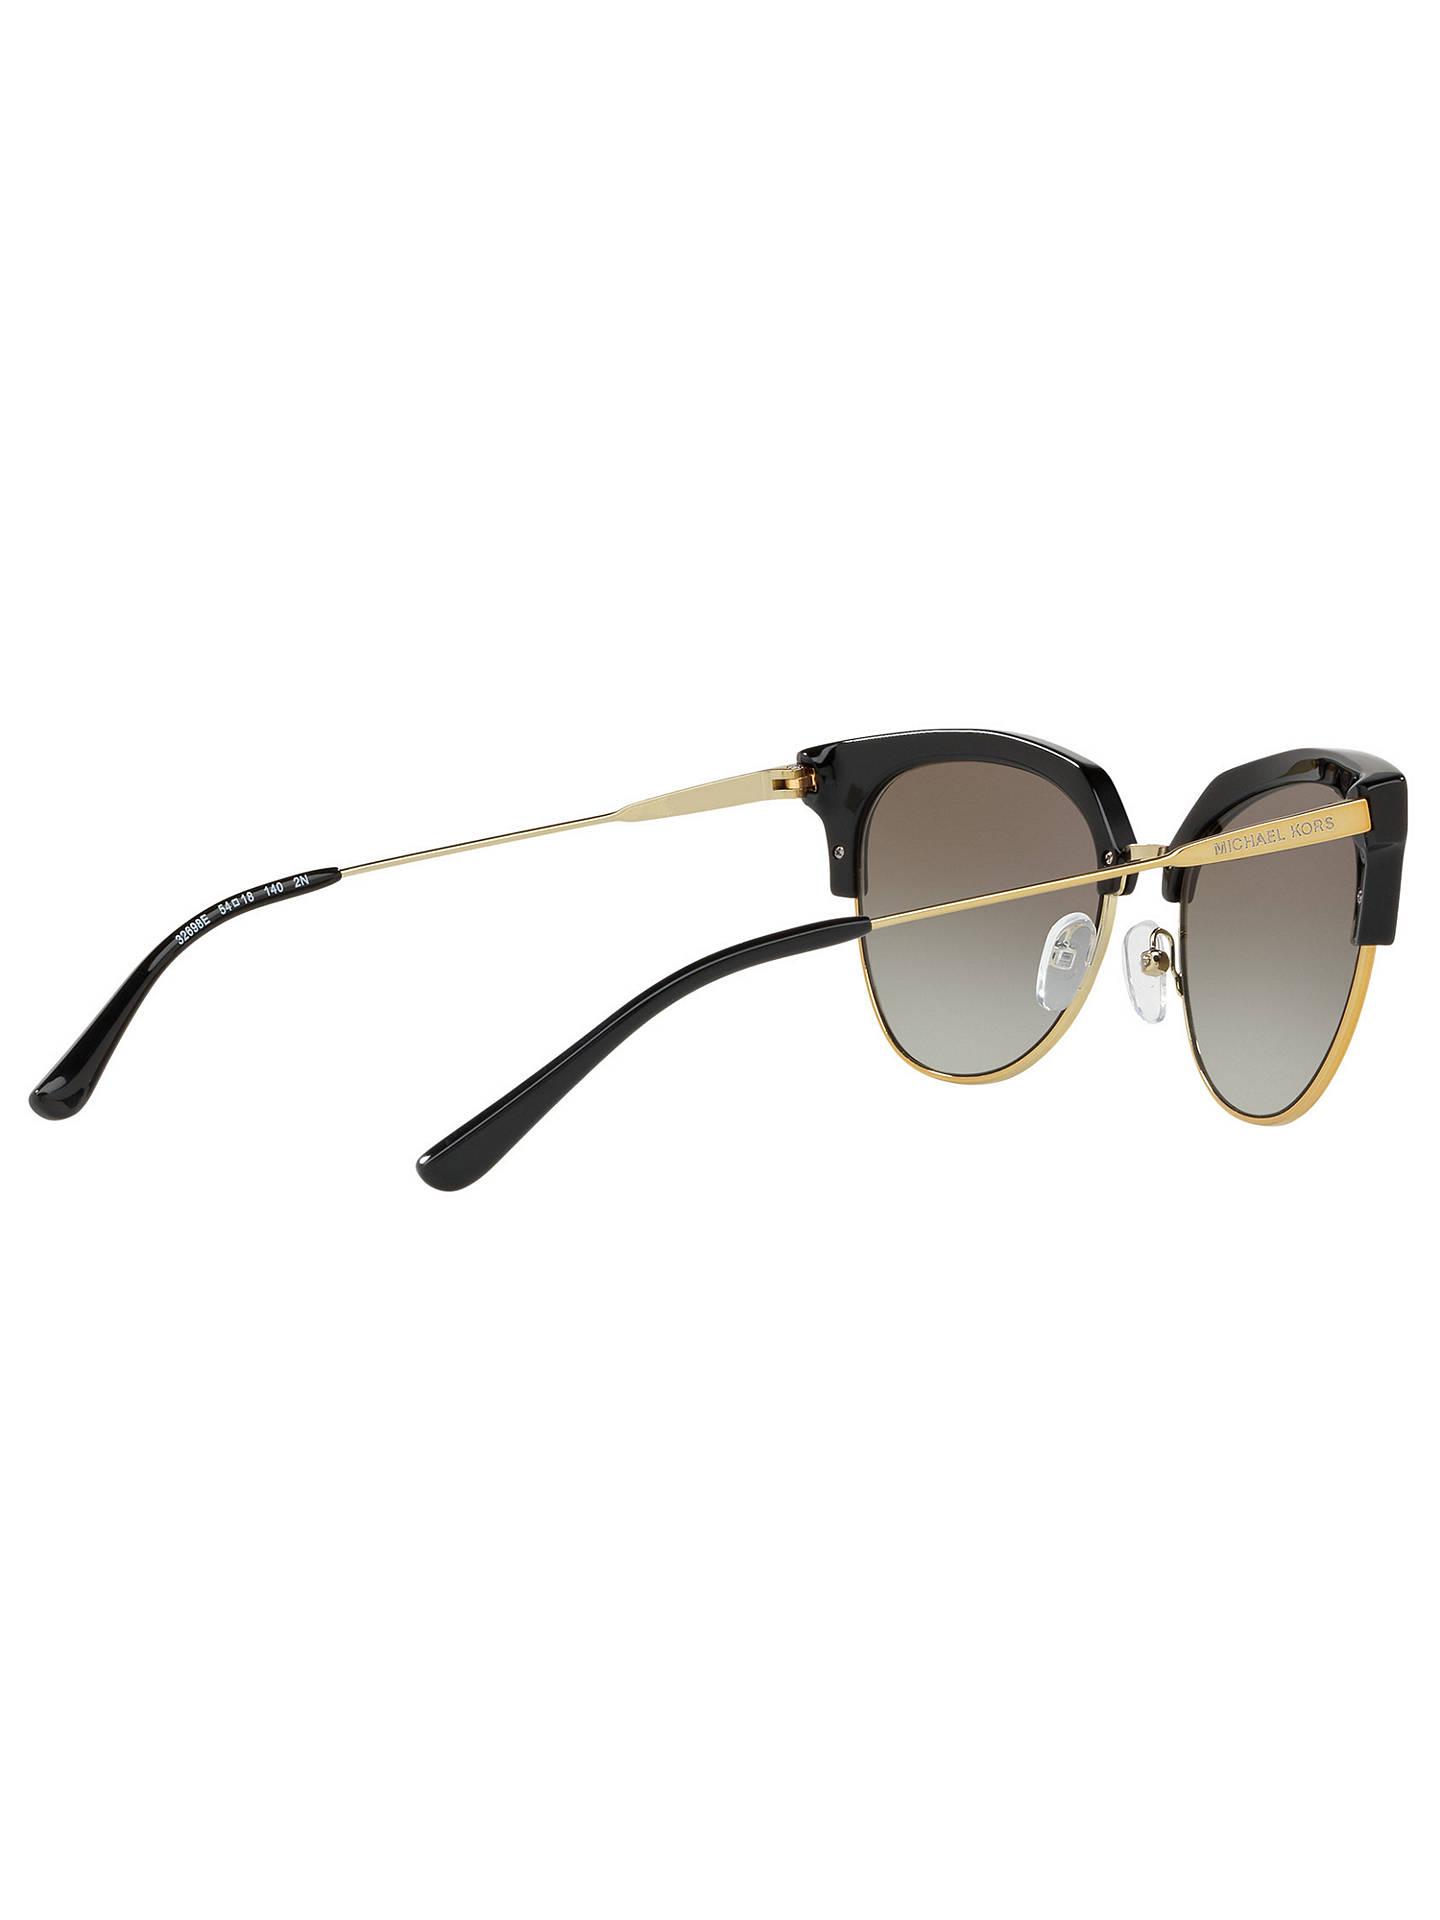 d2452837957b ... Buy Michael Kors MK1033 Women s Savannah Cat s Eye Sunglasses